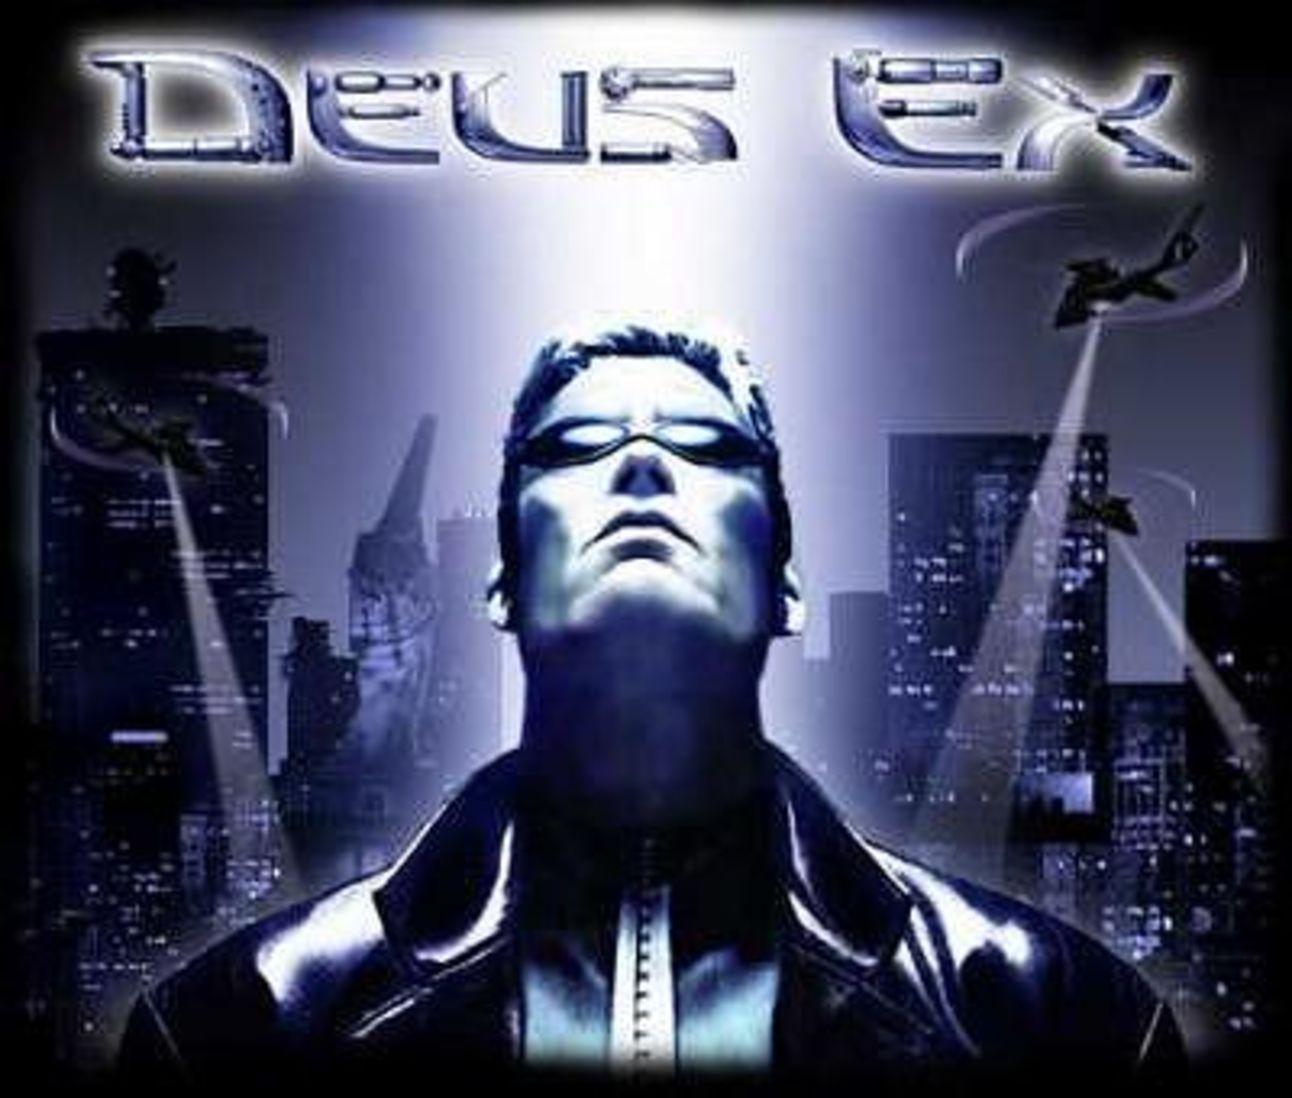 deusex-top1.jpg